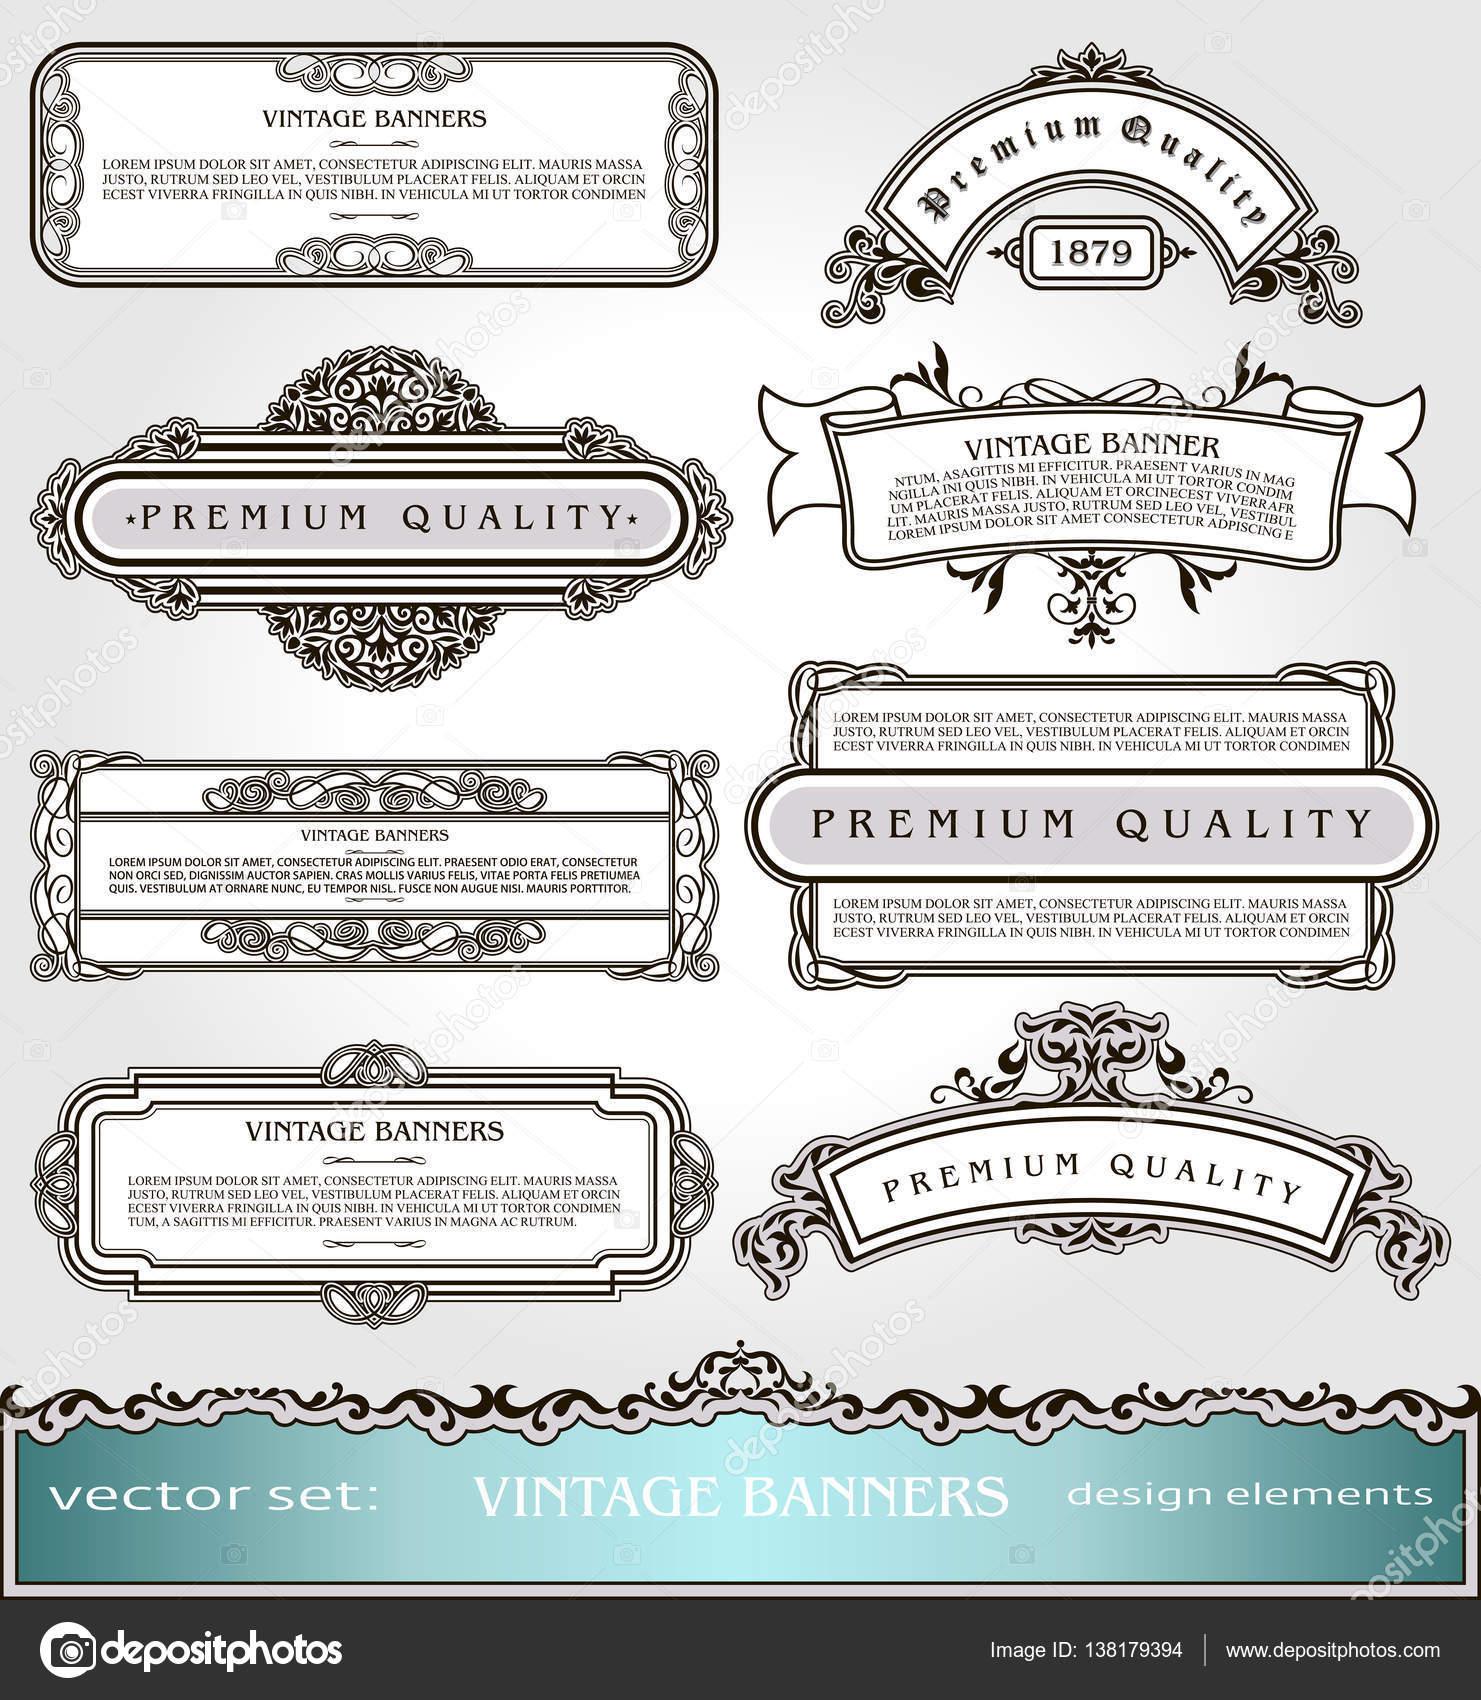 Vektor-Vintage-Banner, Ränder und Rahmen gesetzt, viktorianischen ...